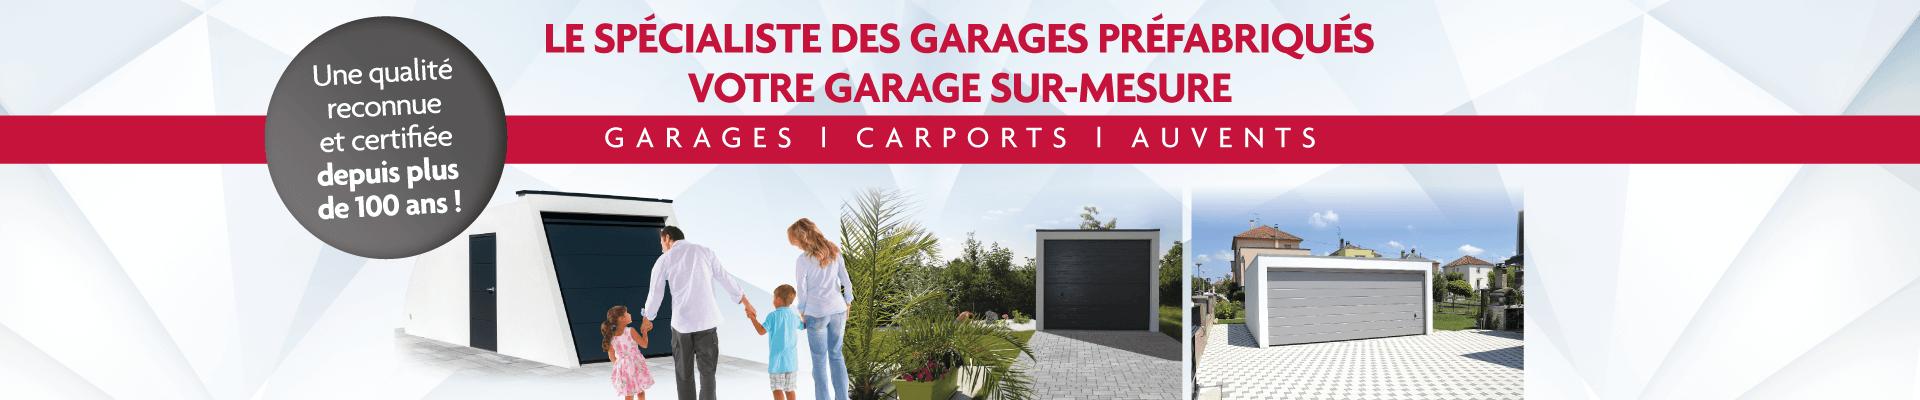 zapf garages préfabriqués